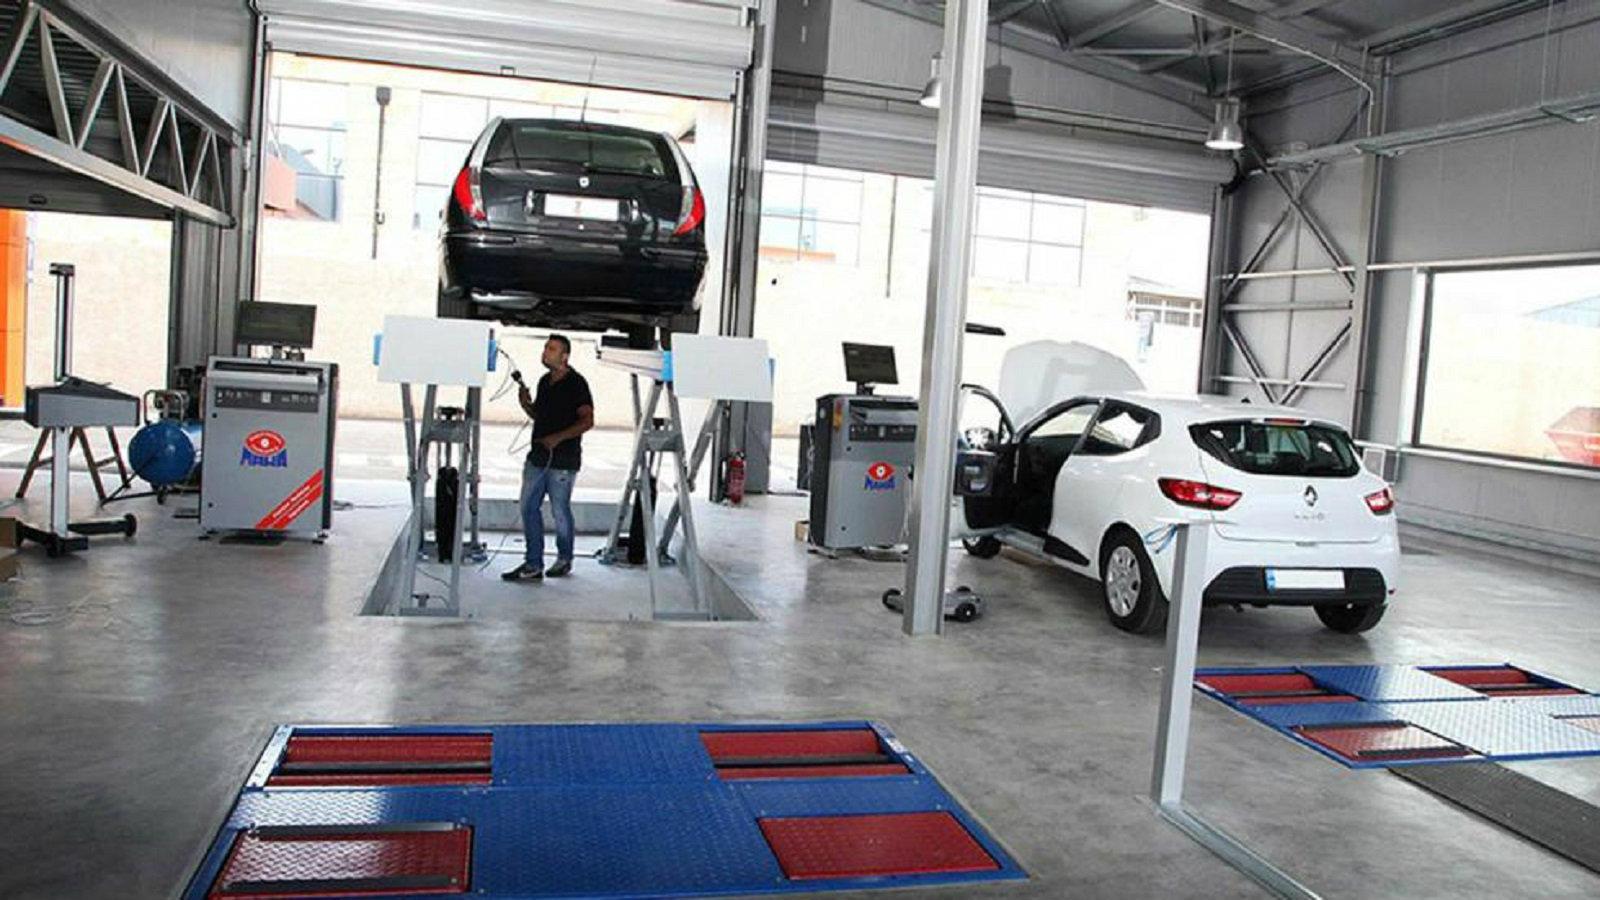 Τα ΚΤΕΟ θα σας ενημερώσουν ότι θα πρέπει να αντικαταστήσετε την δεξαμενή LPG του αυτοκινήτου σας